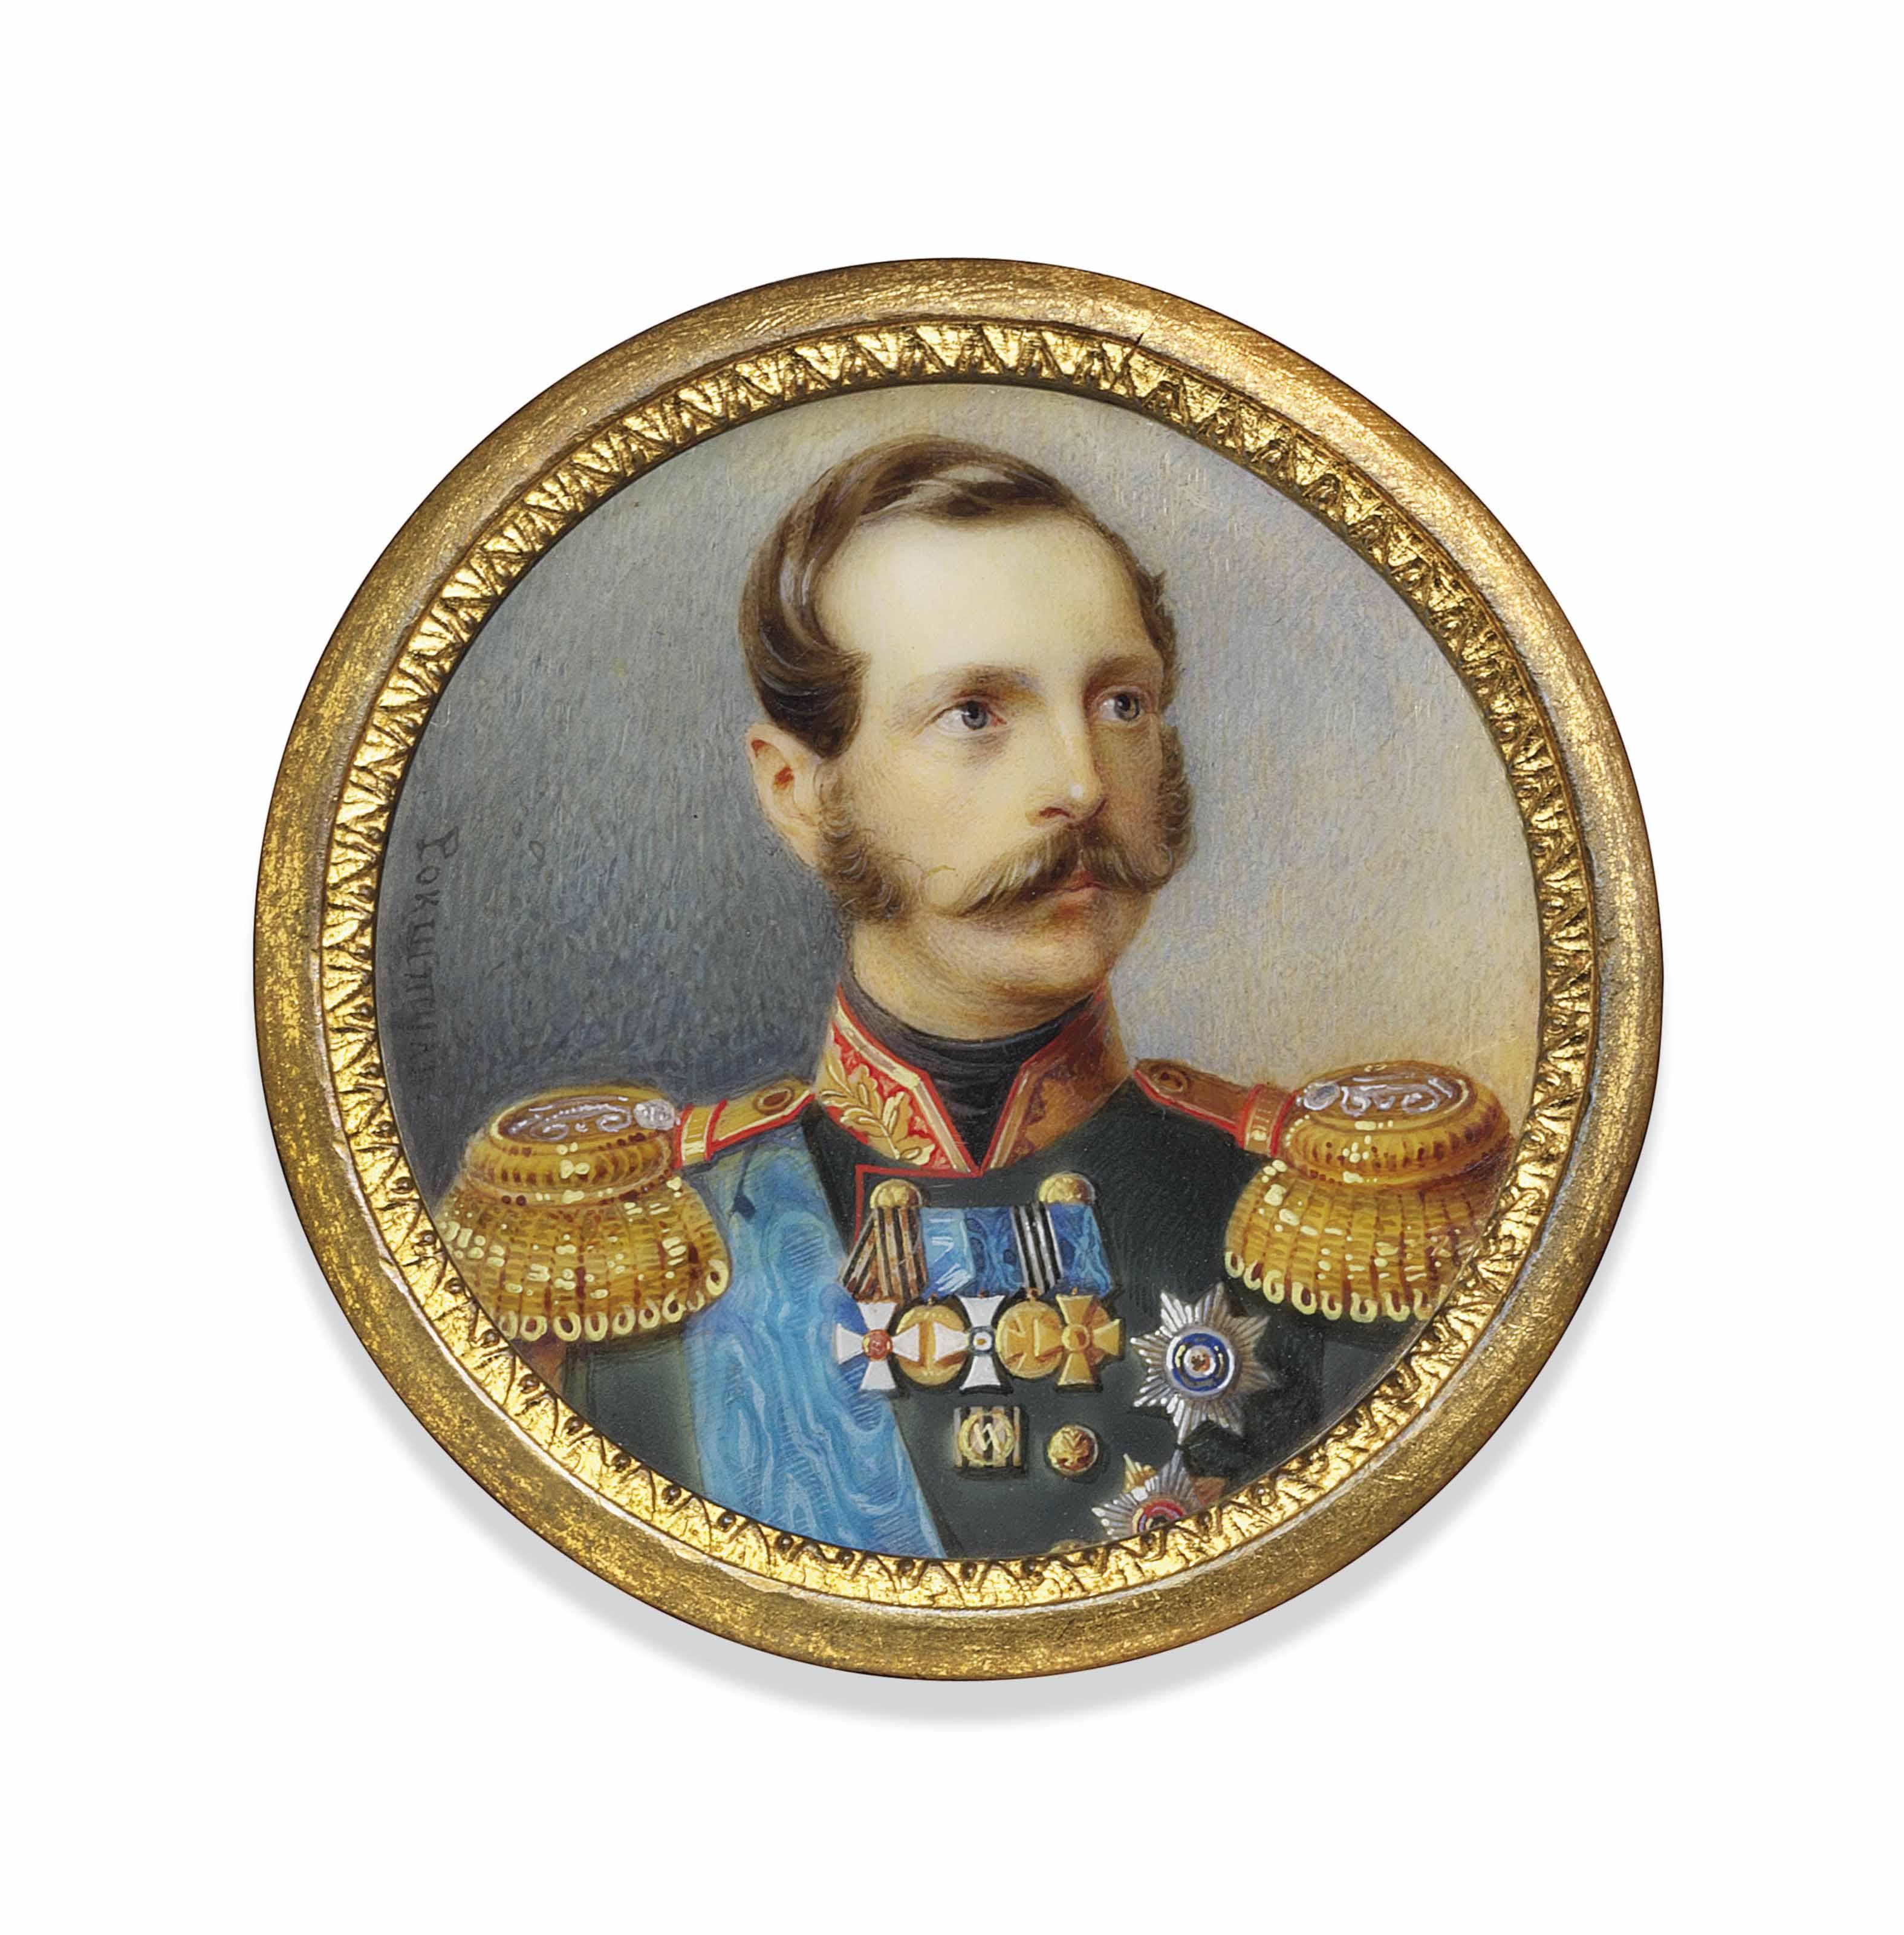 ALOIS GUSTAV ROCKSTUHL (RUSSIAN, 1798-1877)